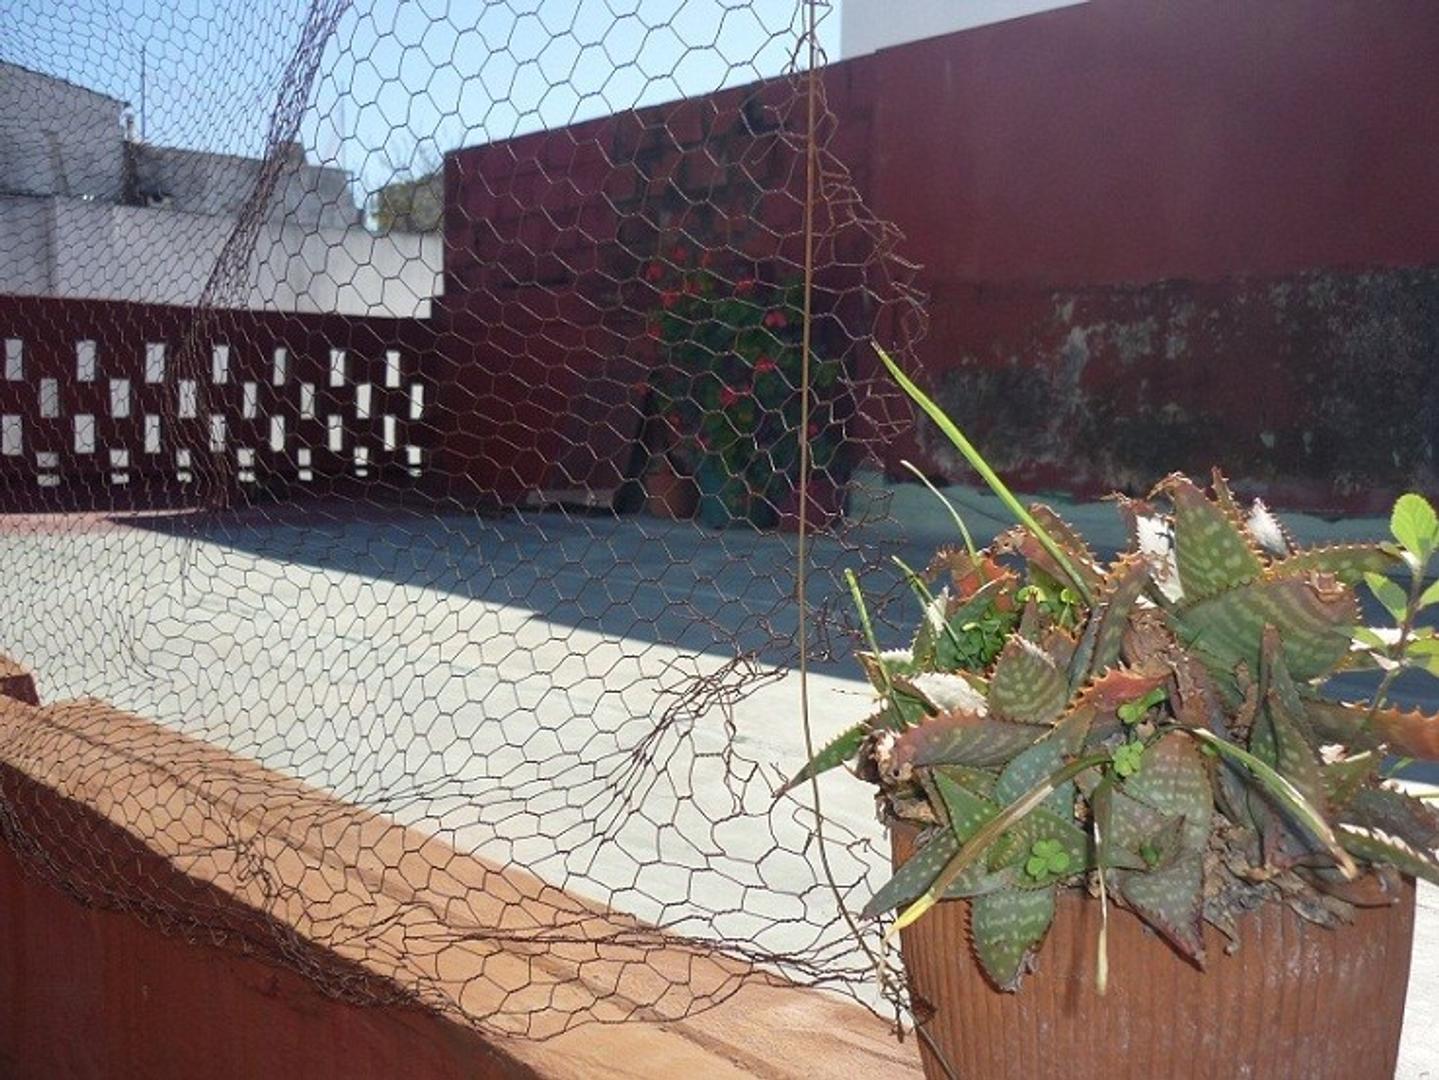 Ph 2 amb c/patio y espacio aéro de toda la superficie TODO a reciclar 36 m2 cubierto mas 40 desc.